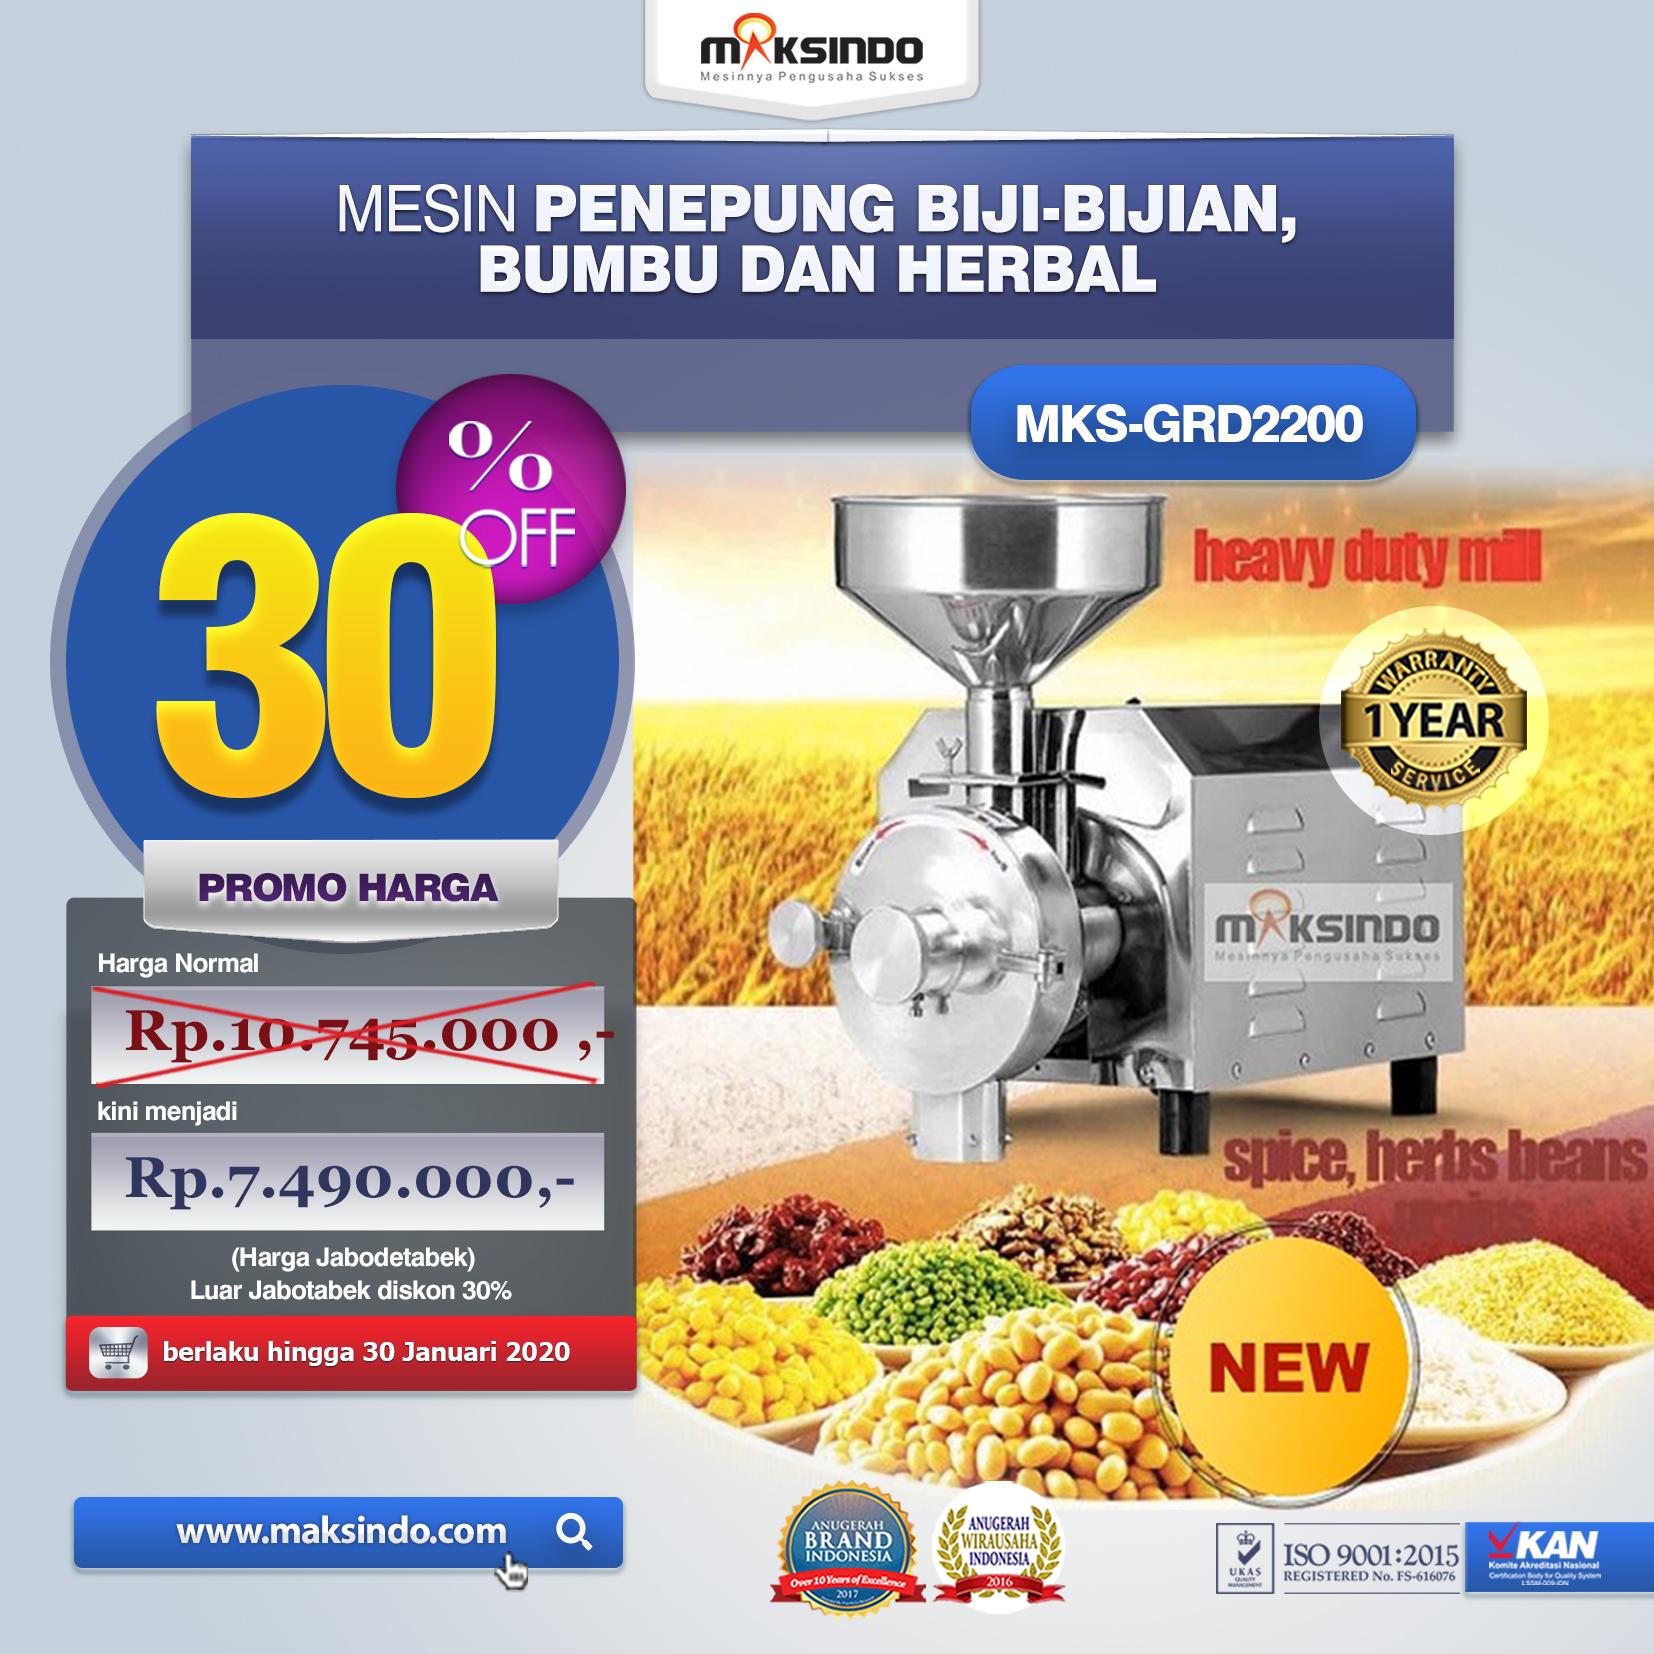 Jual Penepung Biji, Bumbu dan Herbal (GRD2200) di Jakarta